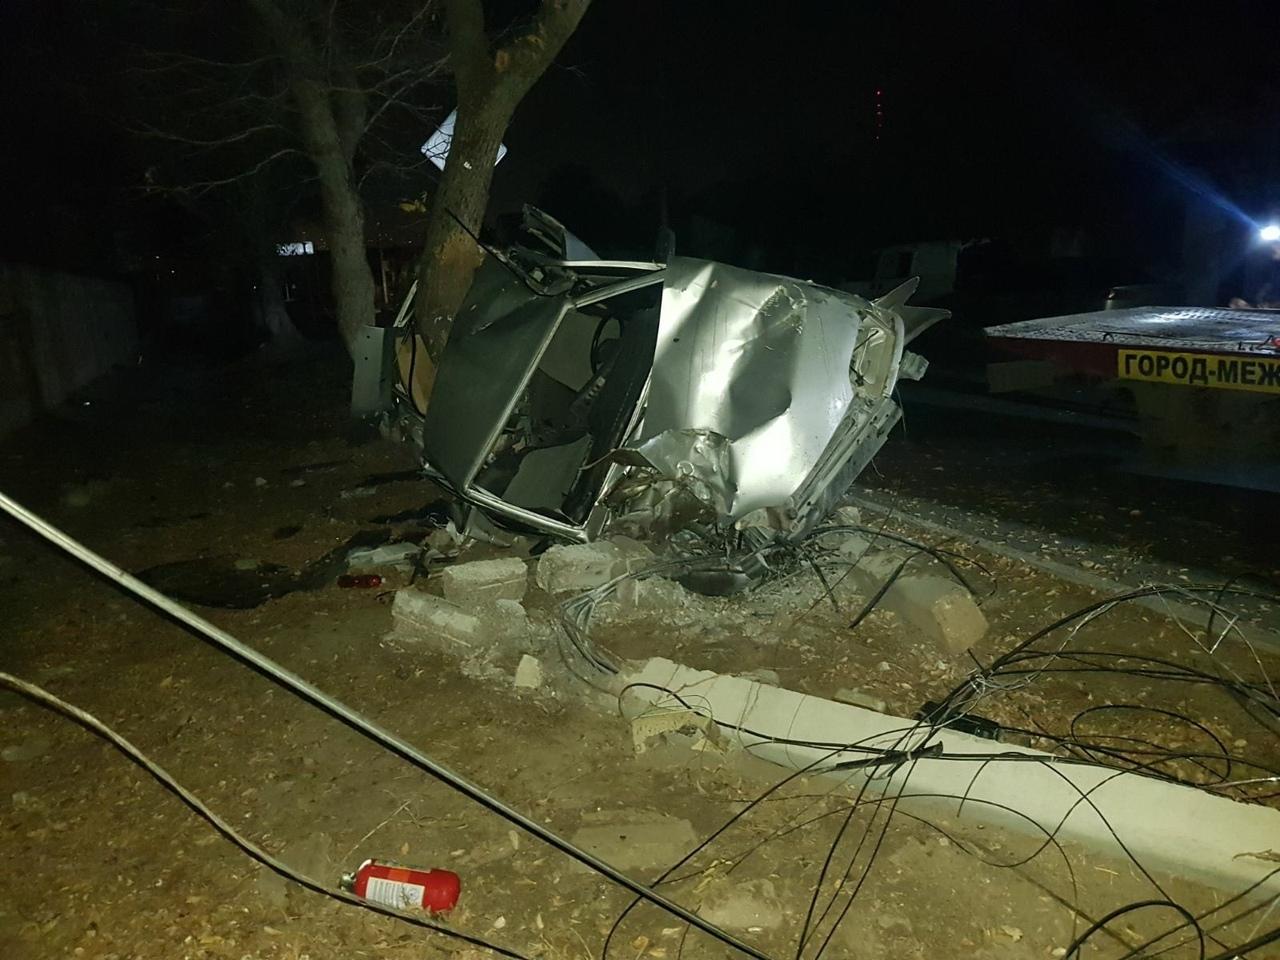 От машины ничего не осталось: в ужасном ночном ДТП погибла молодая девушка